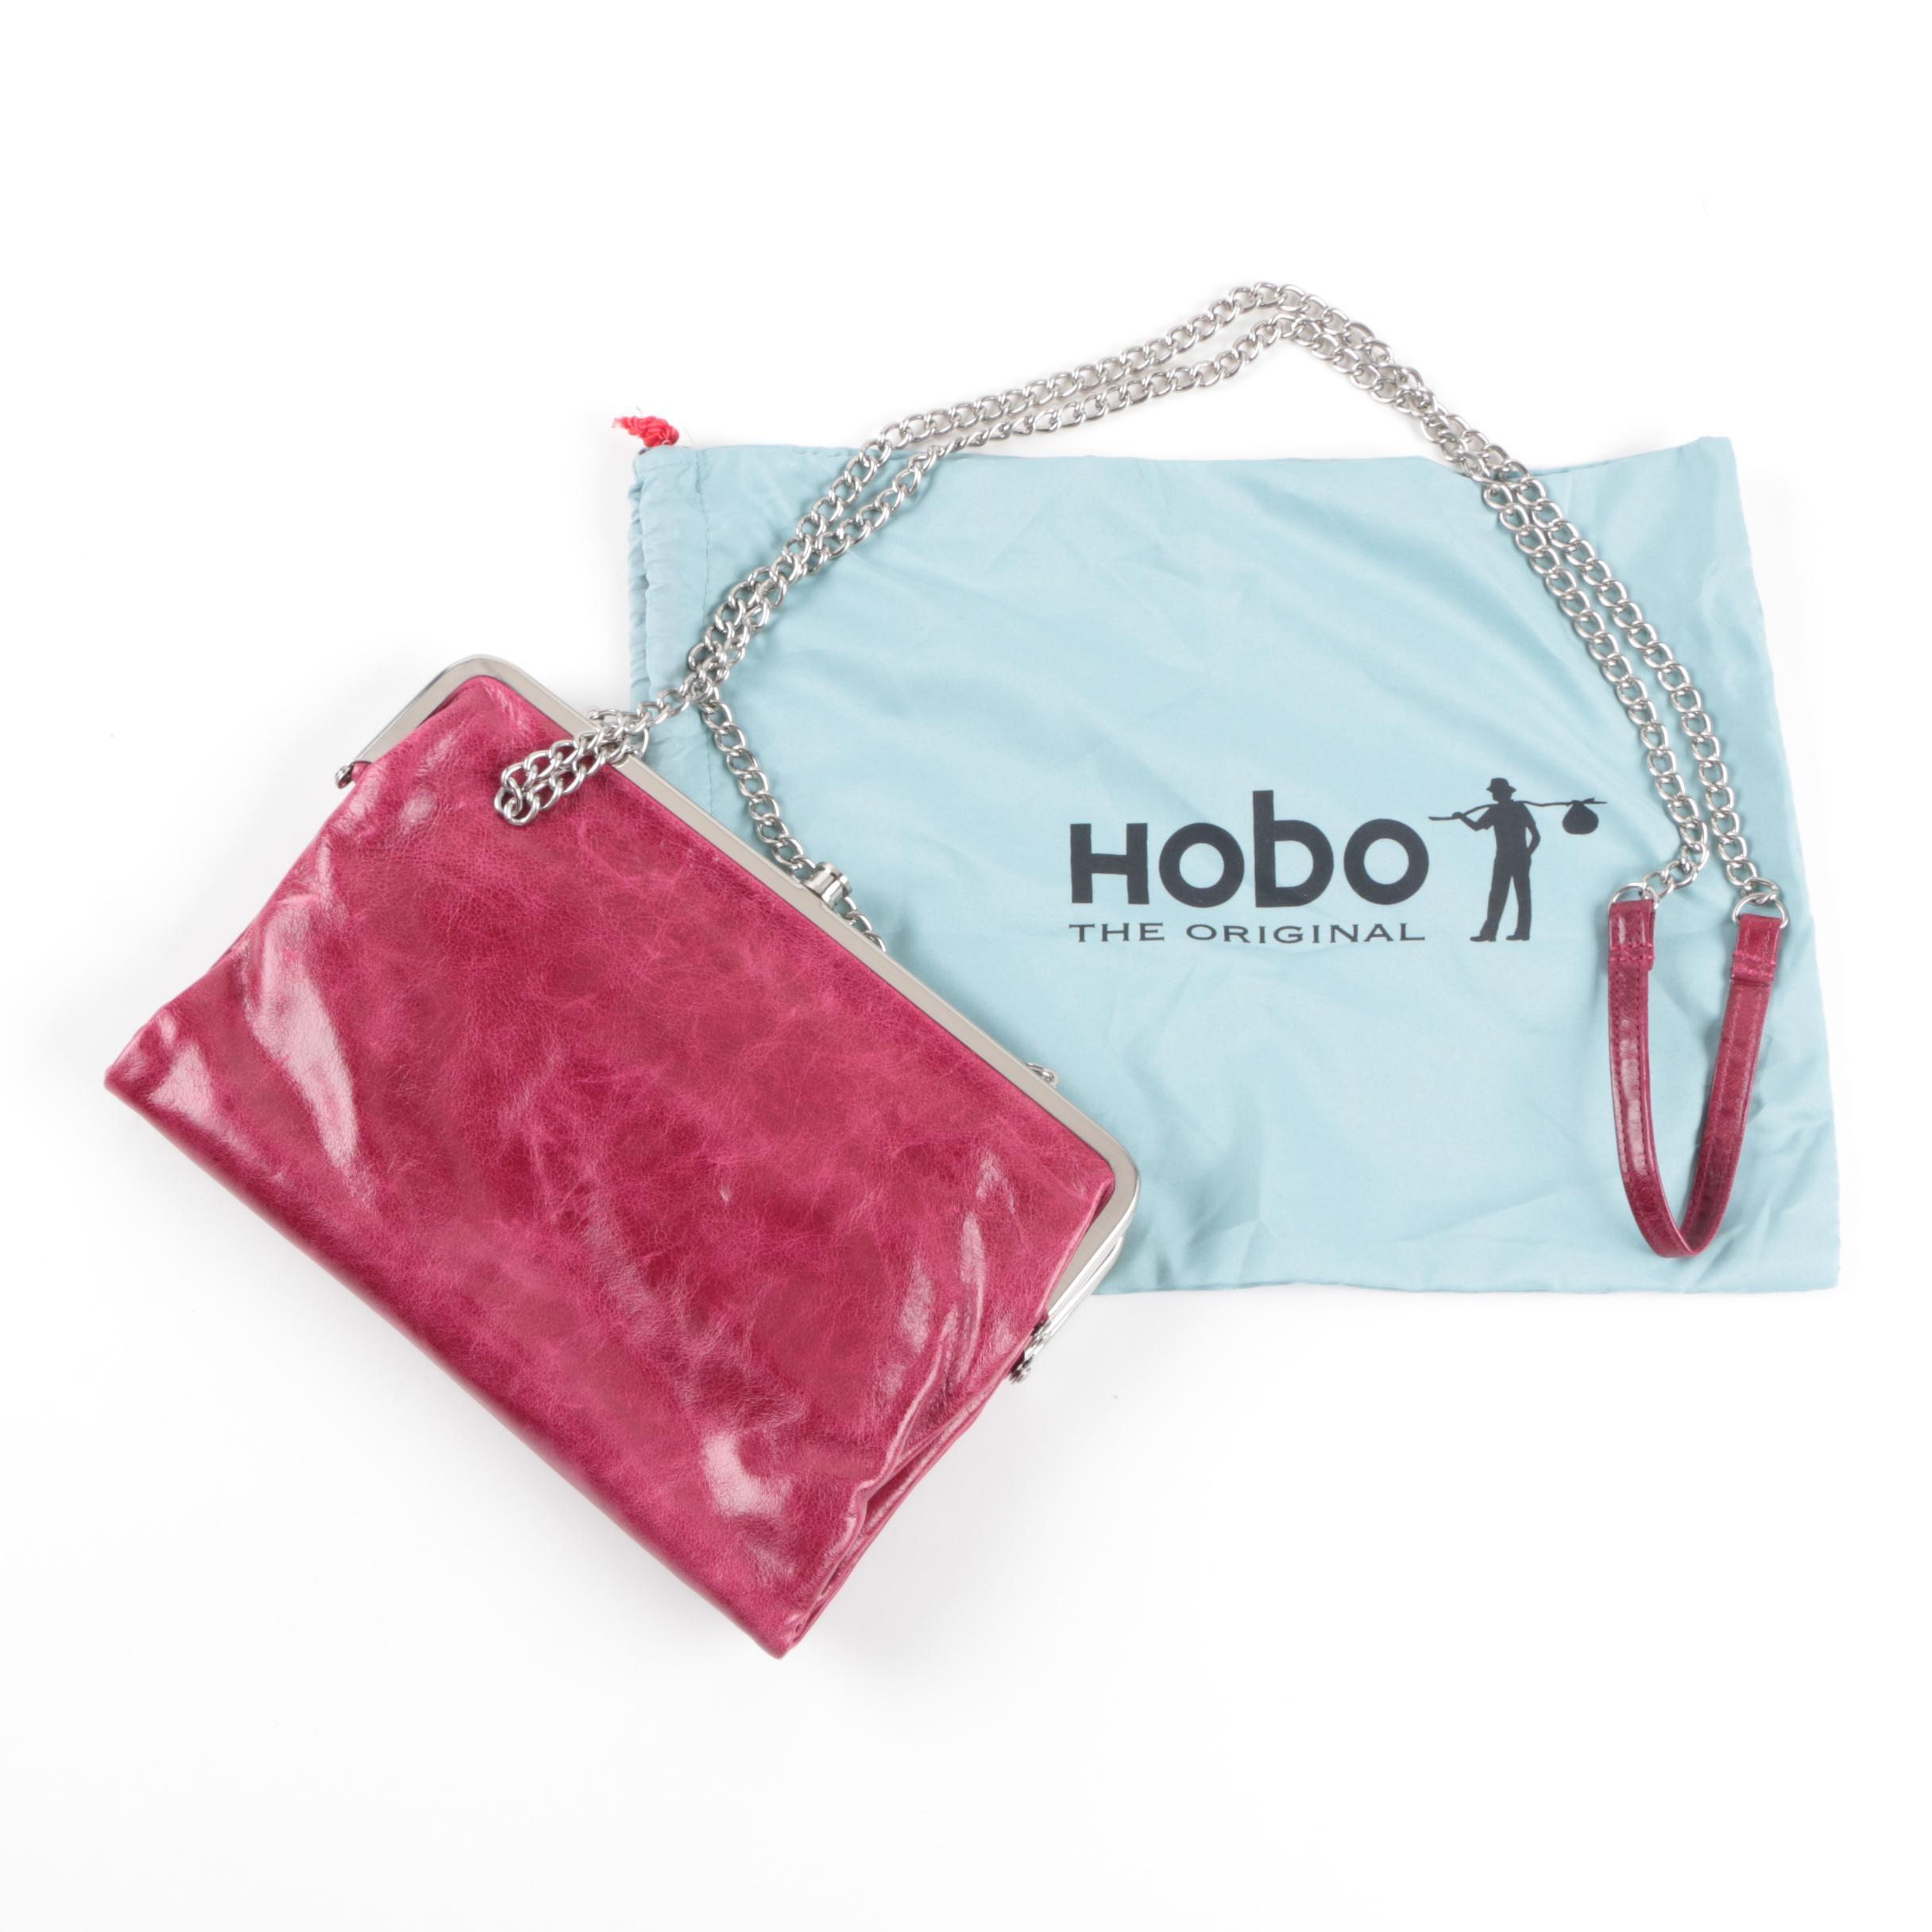 Hobo Red Leather Crossbody Lauren Clutch